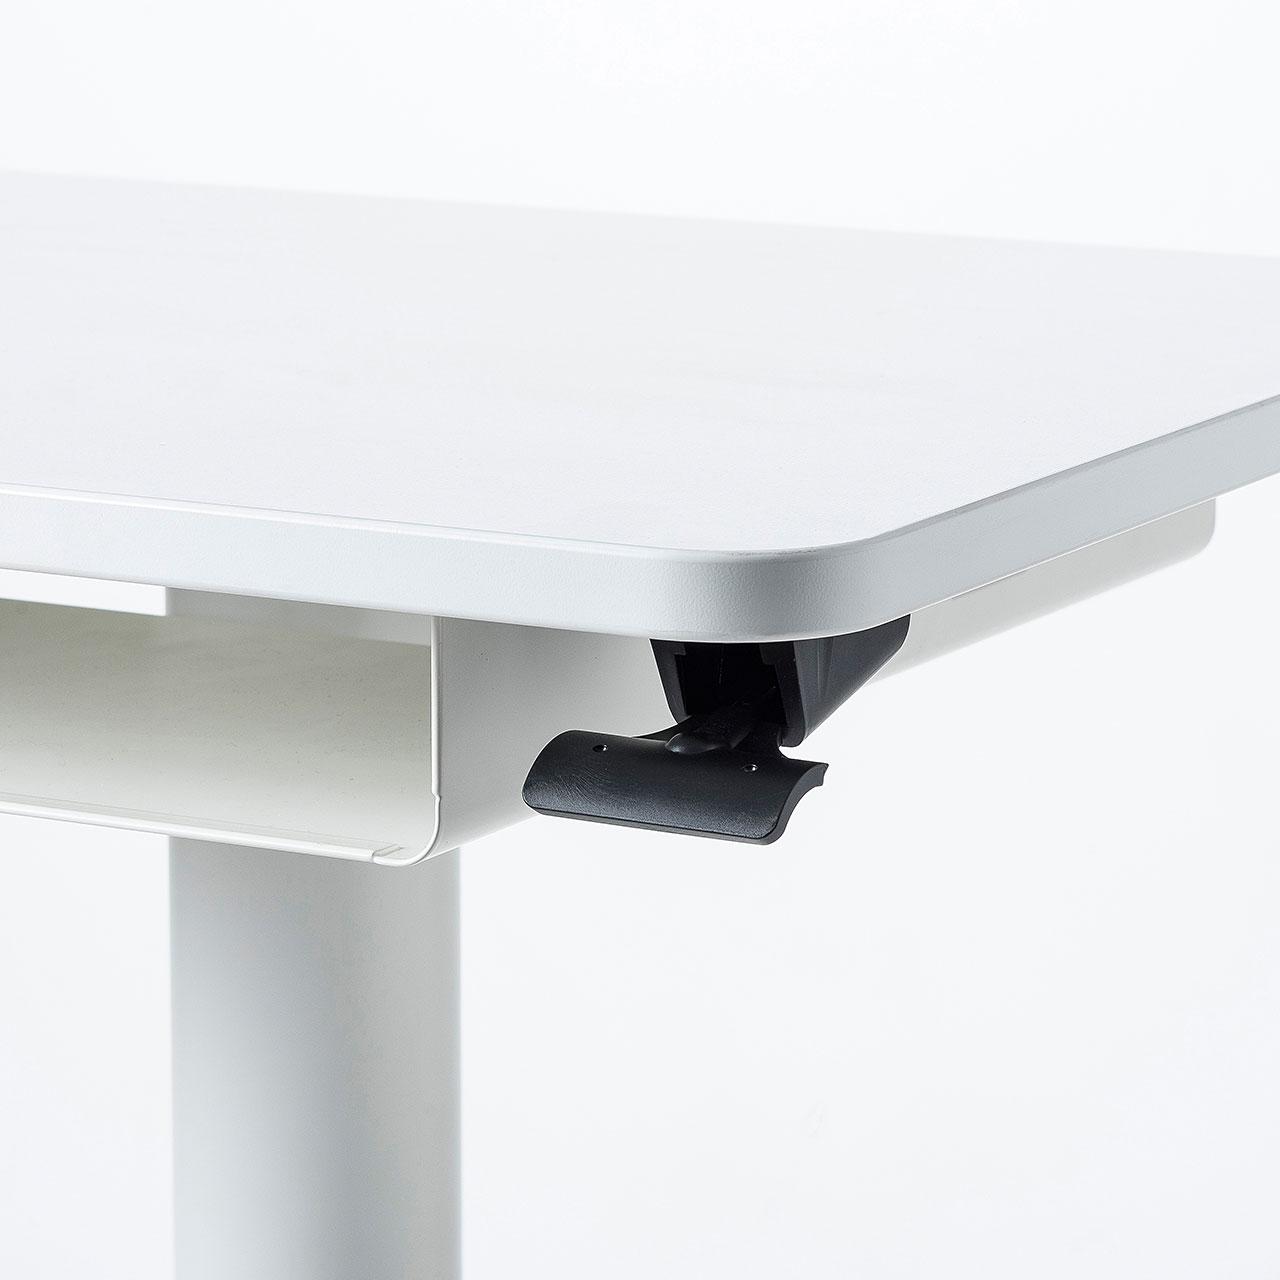 「ERD-GAL6045」の昇降レバーの写真